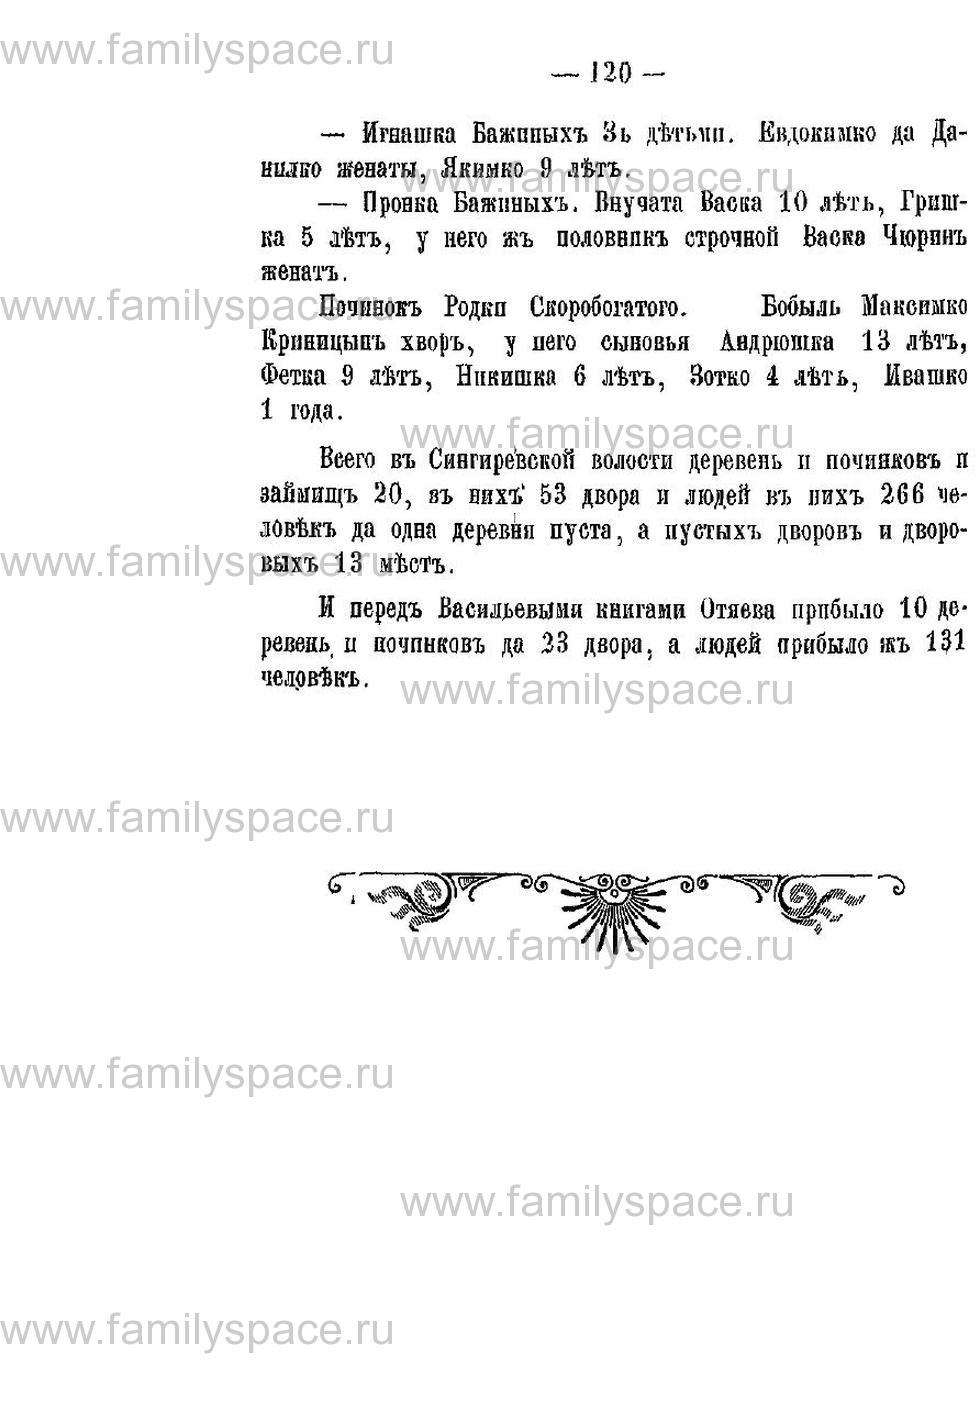 Поиск по фамилии - Переписная книга Орлова и волостей 1678 г, страница 116